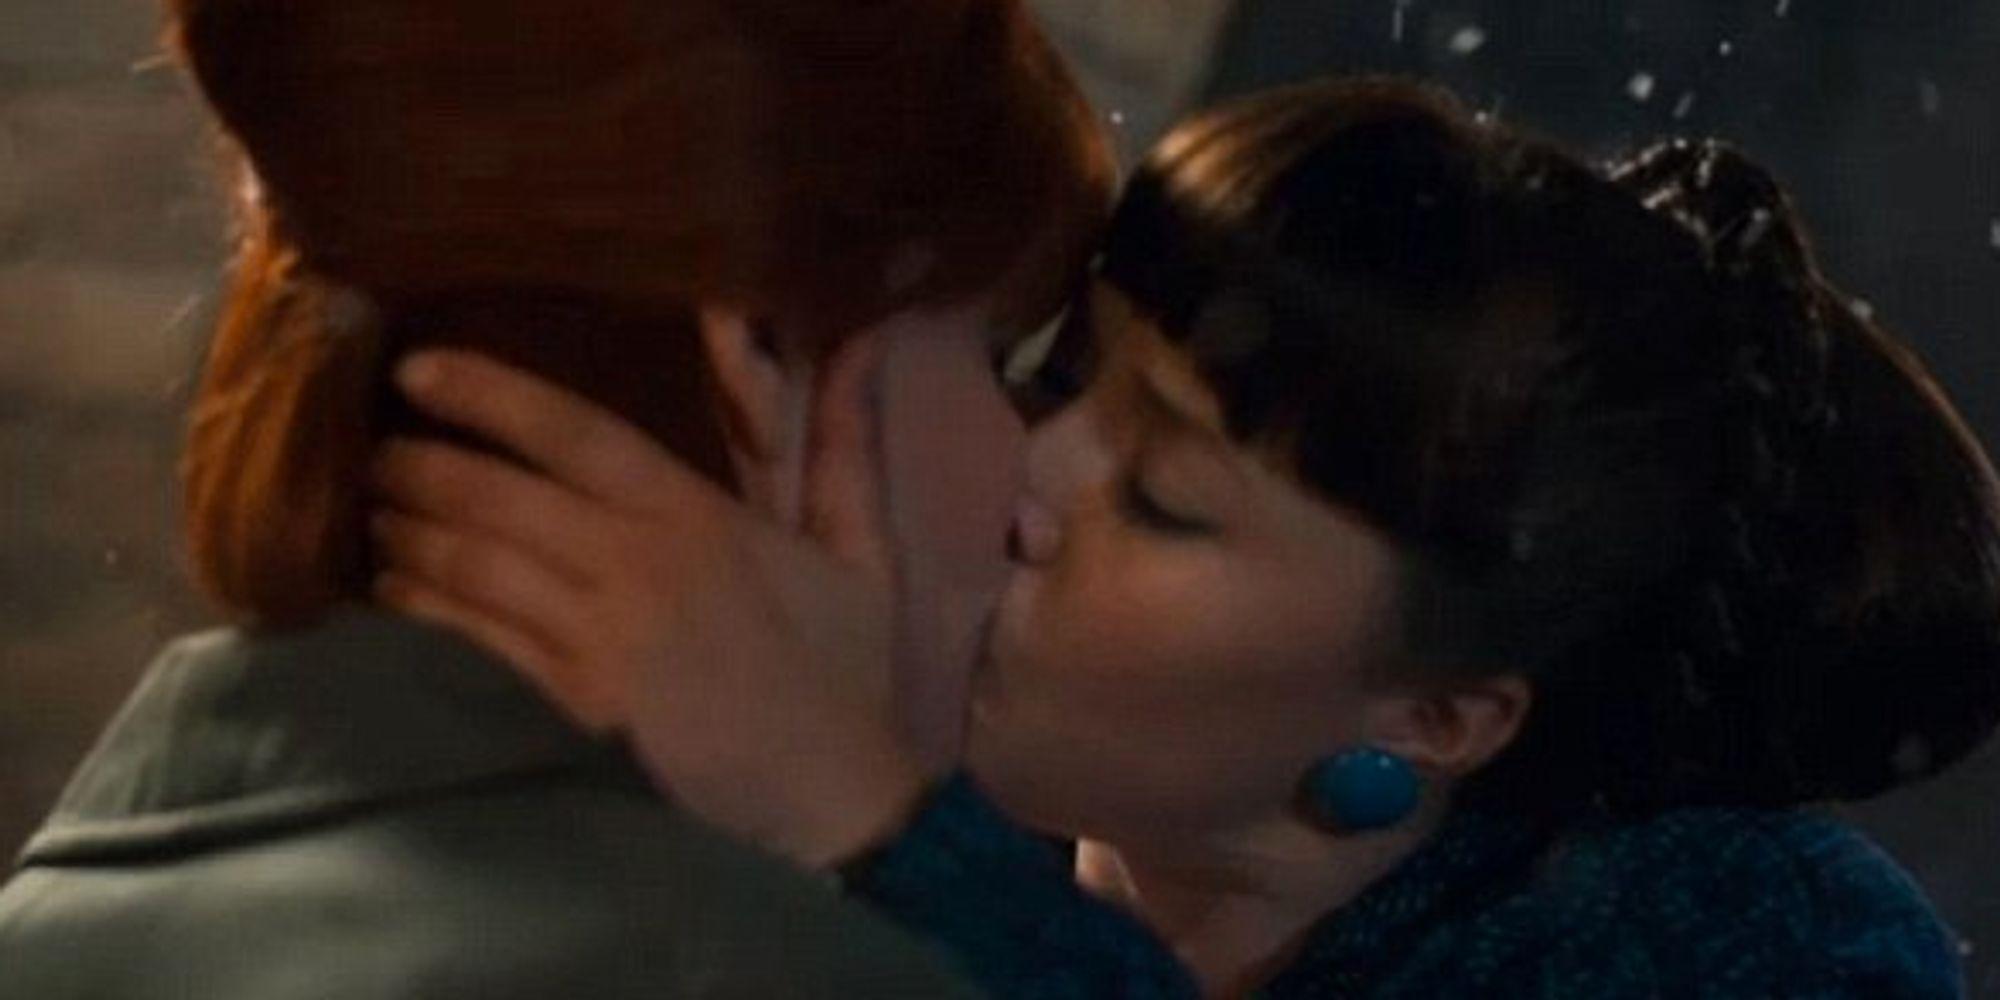 image Midnight caller lesbian scene